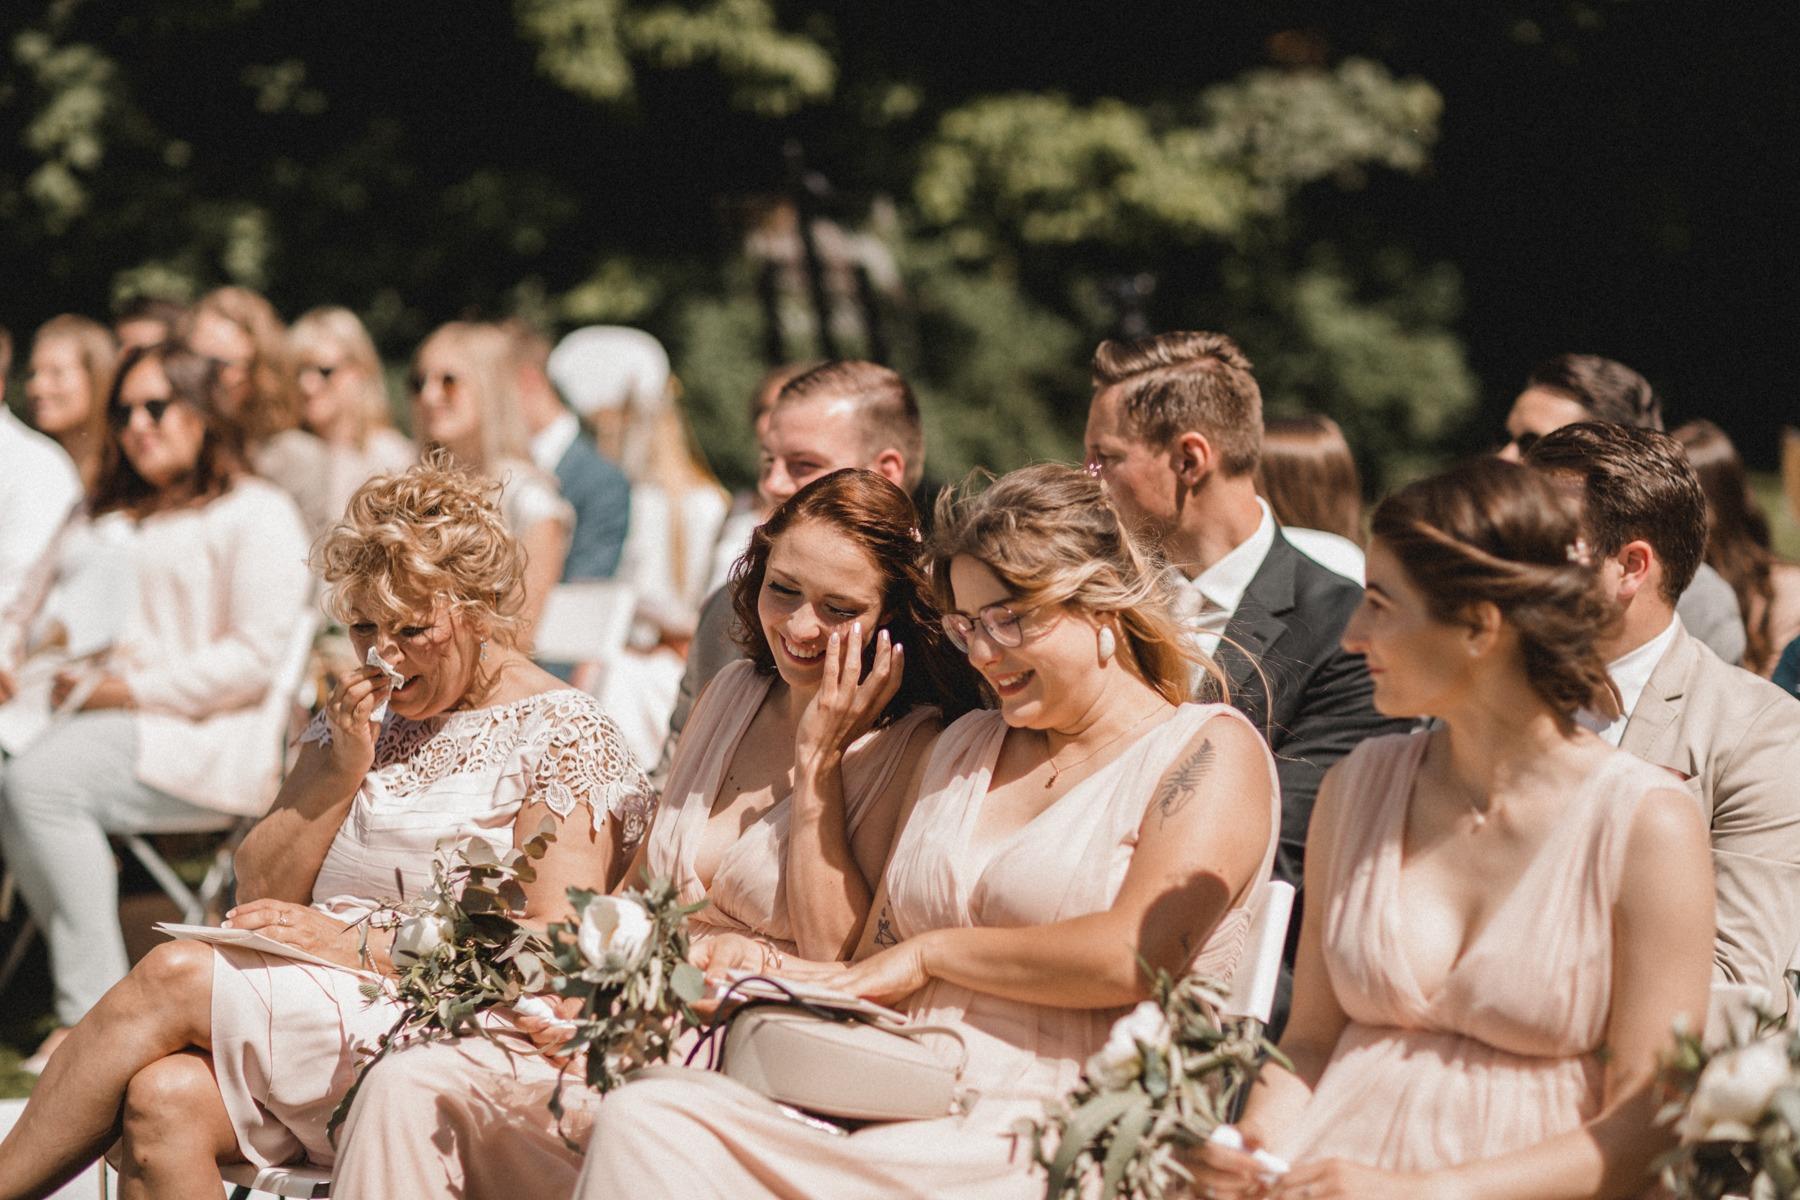 Tränen bei der Brautmama und der Trauzeugin bei der Zeremonie